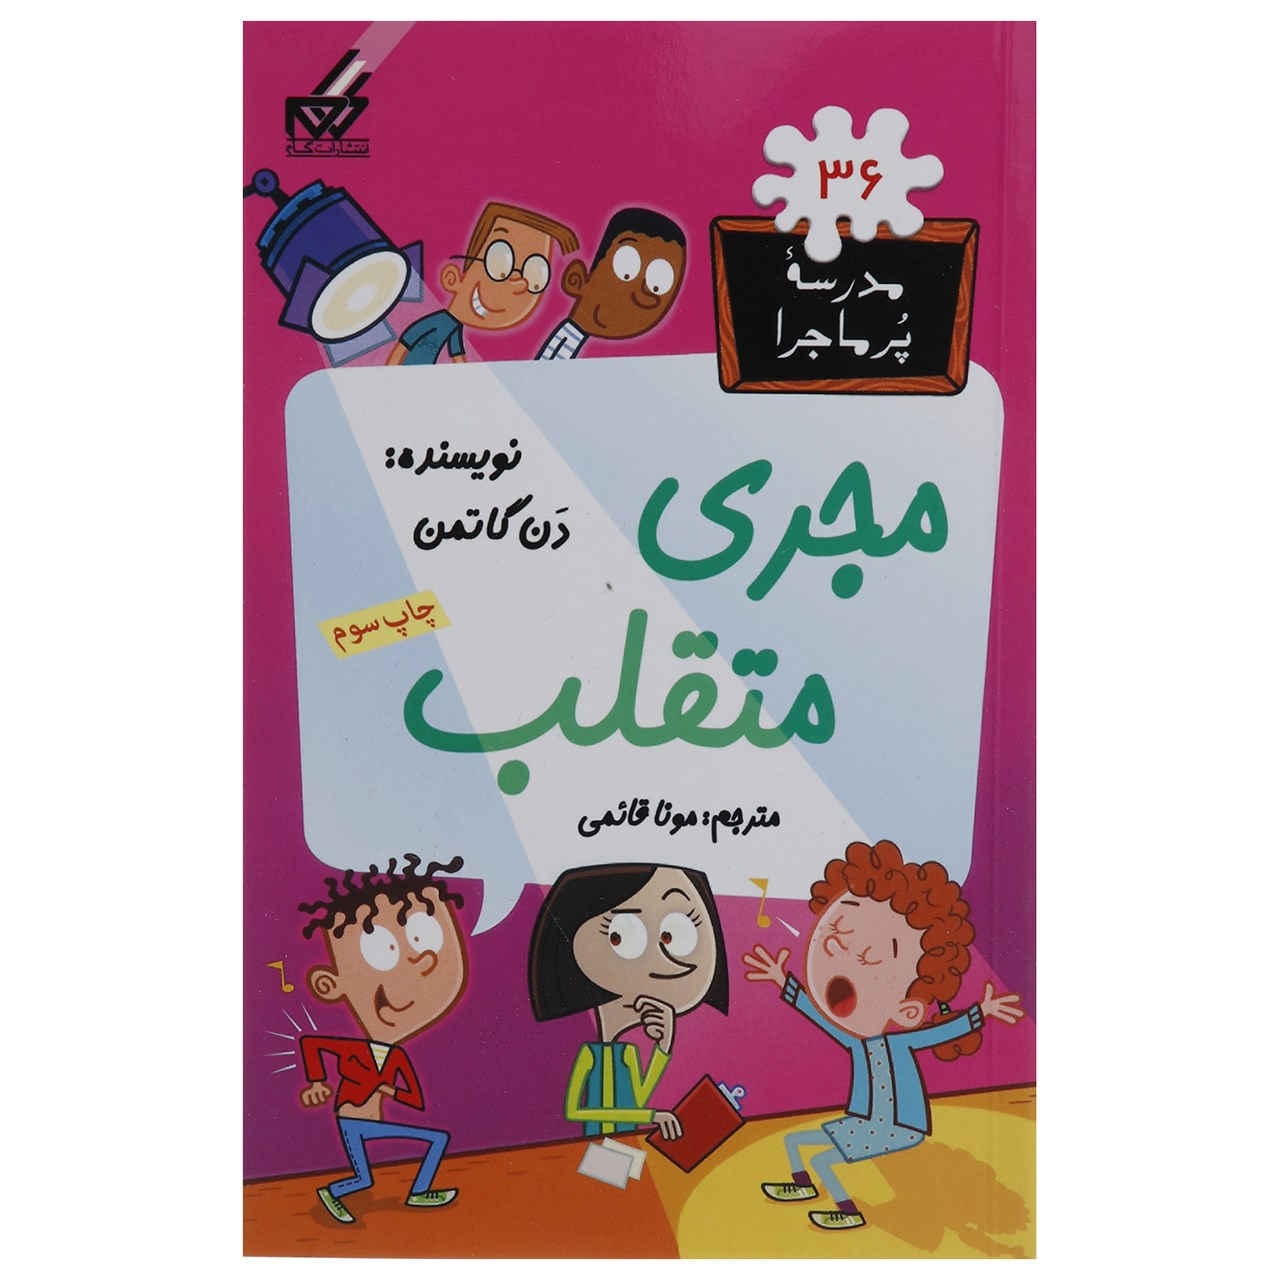 خرید                      کتاب مدرسه پرماجرا  36 مجری متقلب اثر دن گاتمن